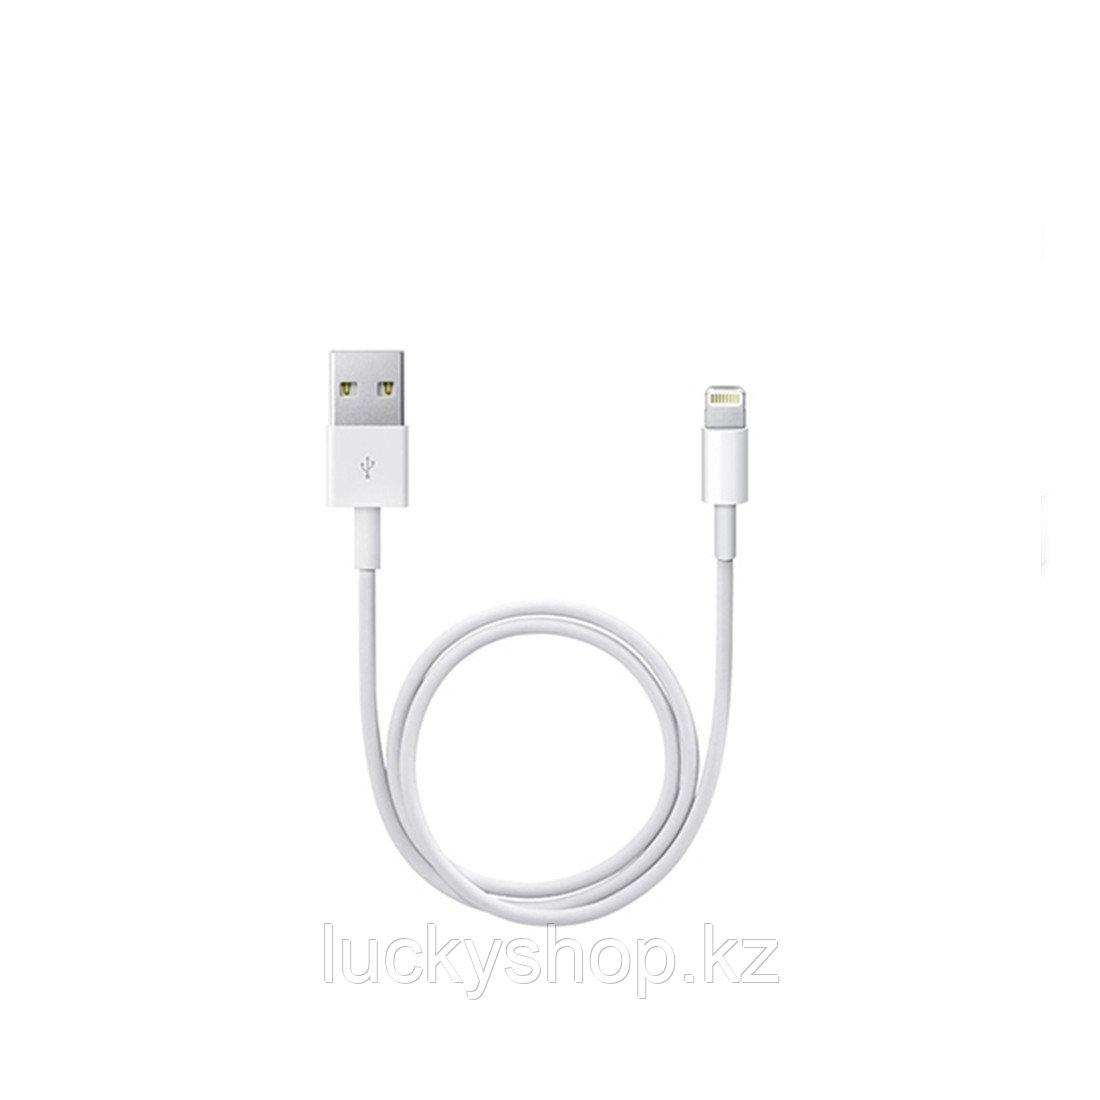 Интерфейсный кабель Xiaomi Lightning Белый - фото 1